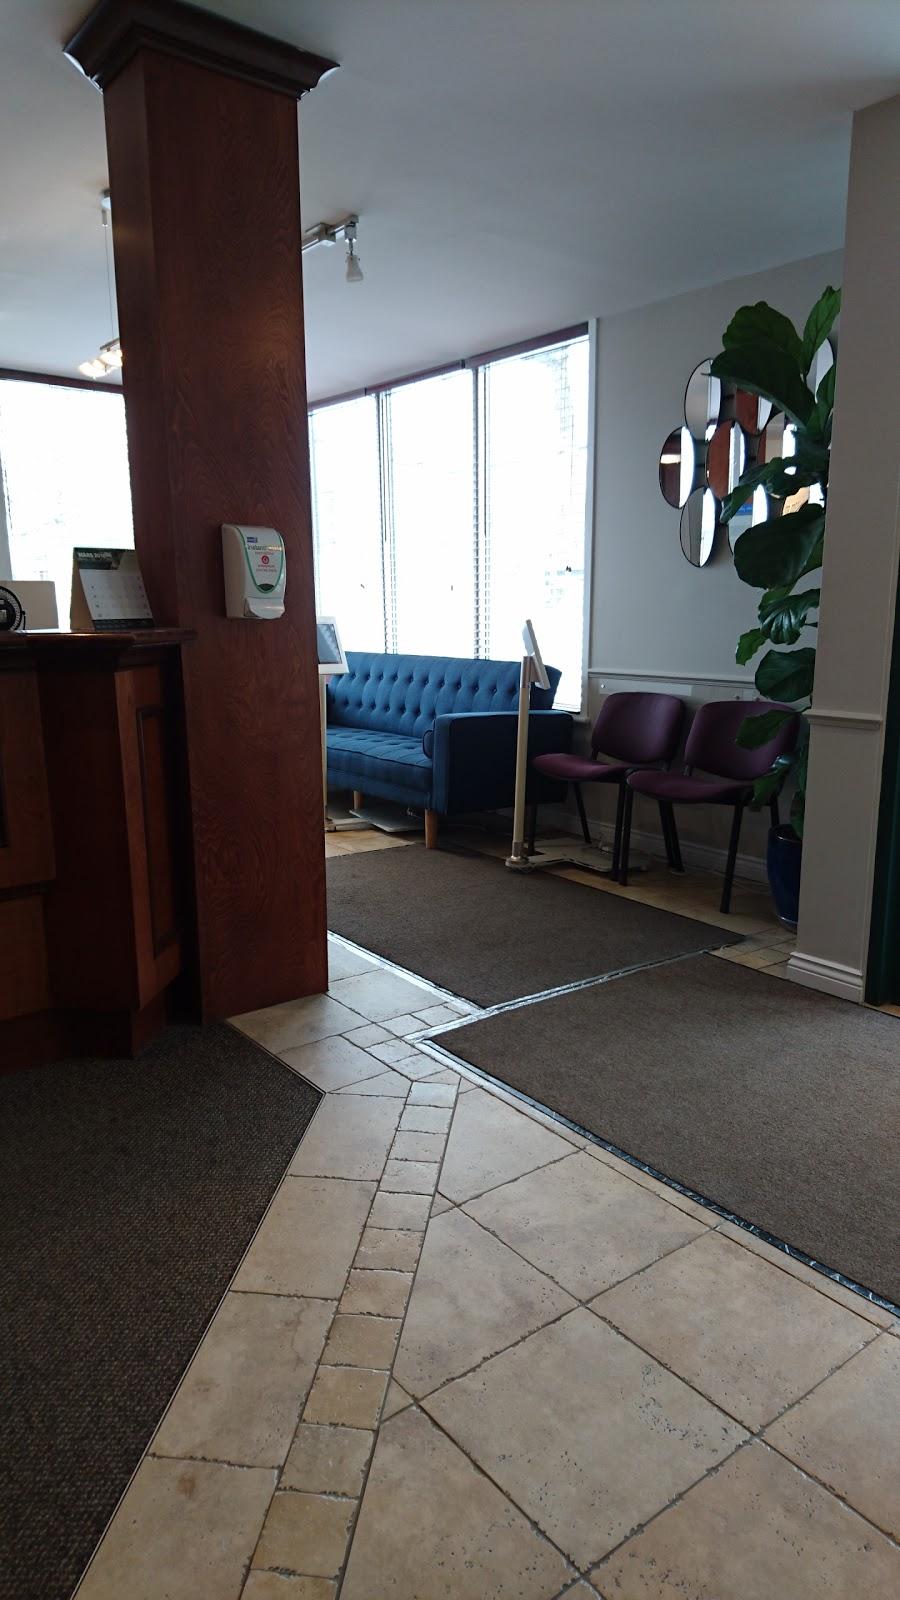 Dental Clinic Duberger | dentist | 2985 Boulevard Père-Lelièvre, Québec, QC G1P 2X9, Canada | 4186875210 OR +1 418-687-5210